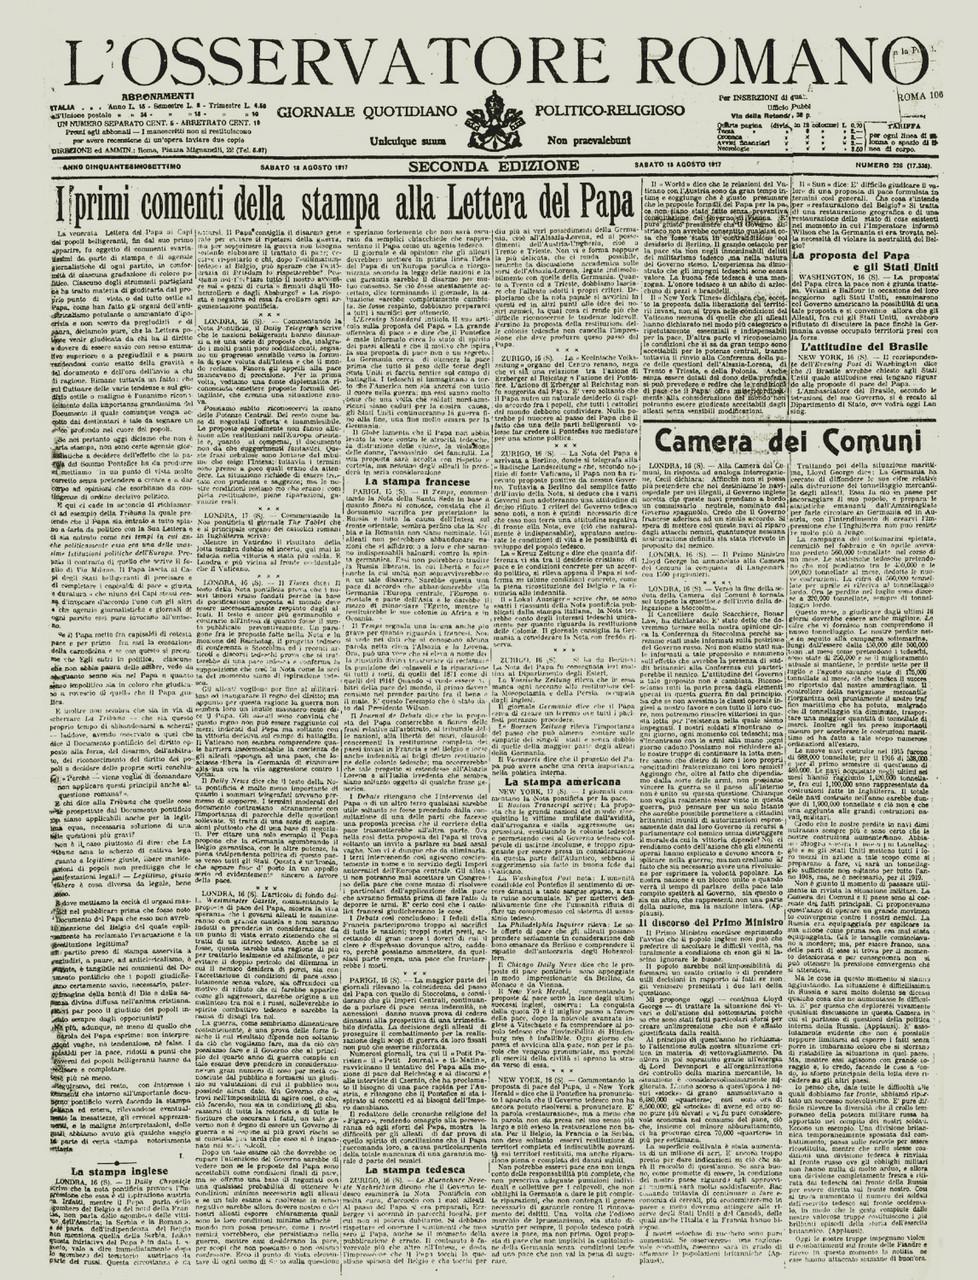 L'Osservatore Romano del 18 agosto 1917, che riporta le reazioni internazionali a una delle tante inascoltate proposte di pace avanzate dal Pontefice